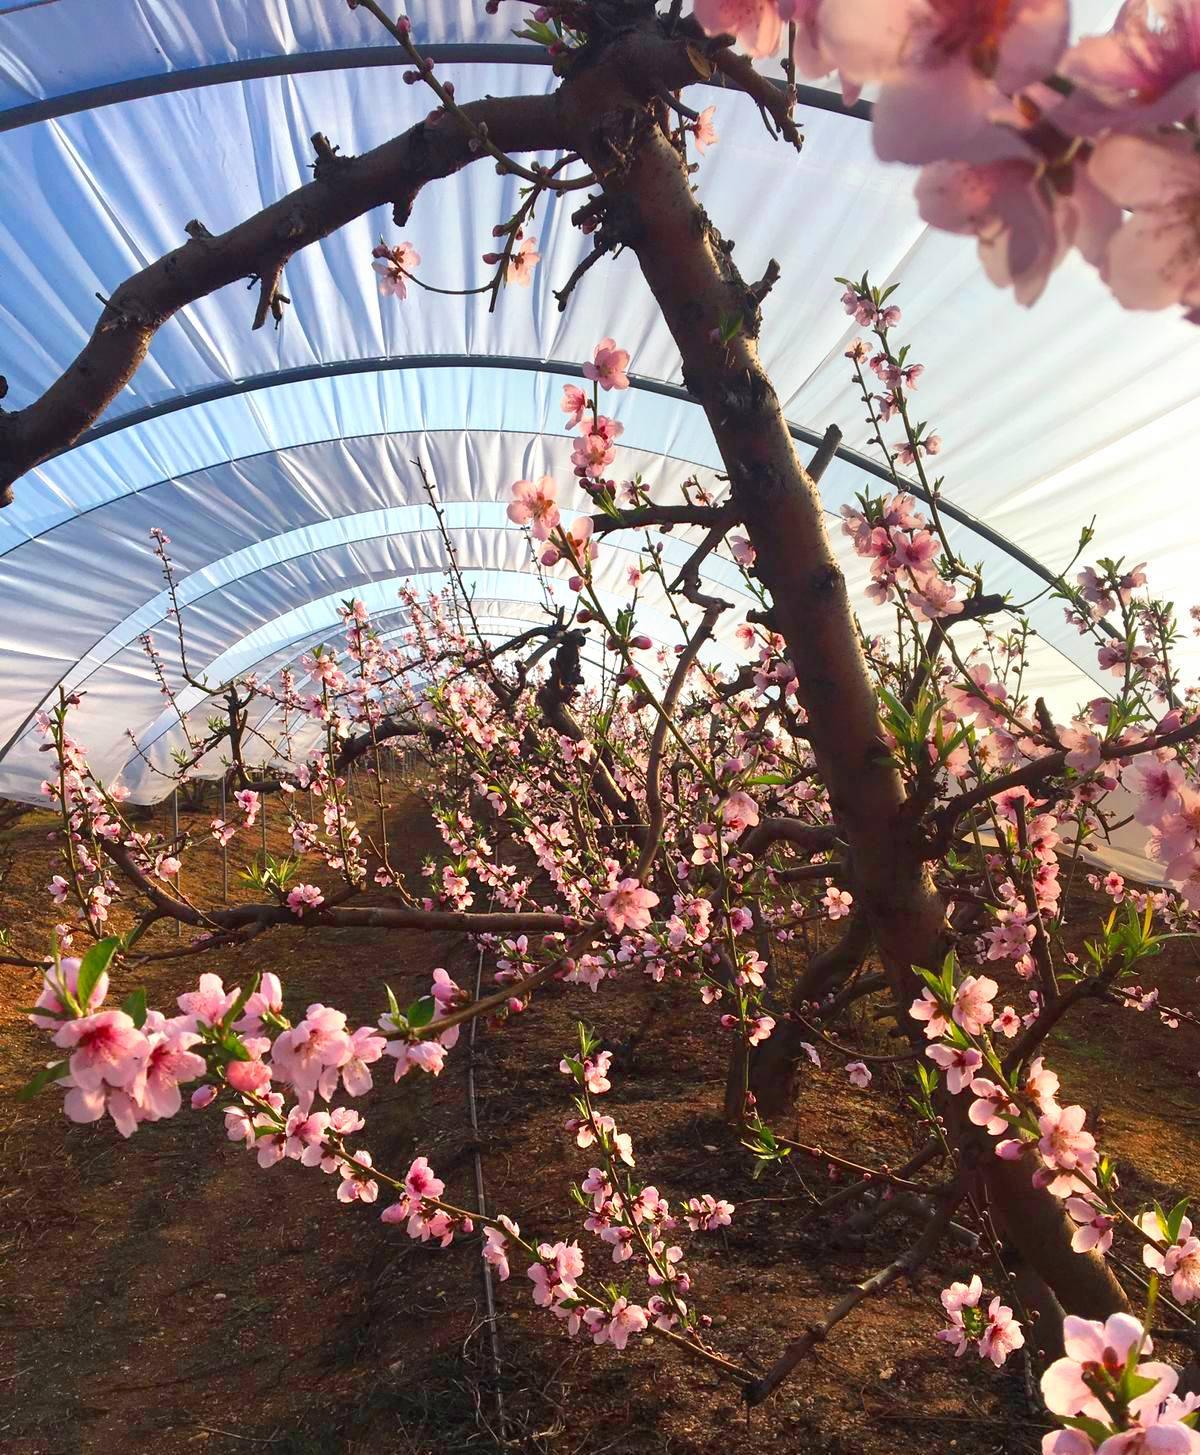 Comienza la floración de nuestros nectarinos